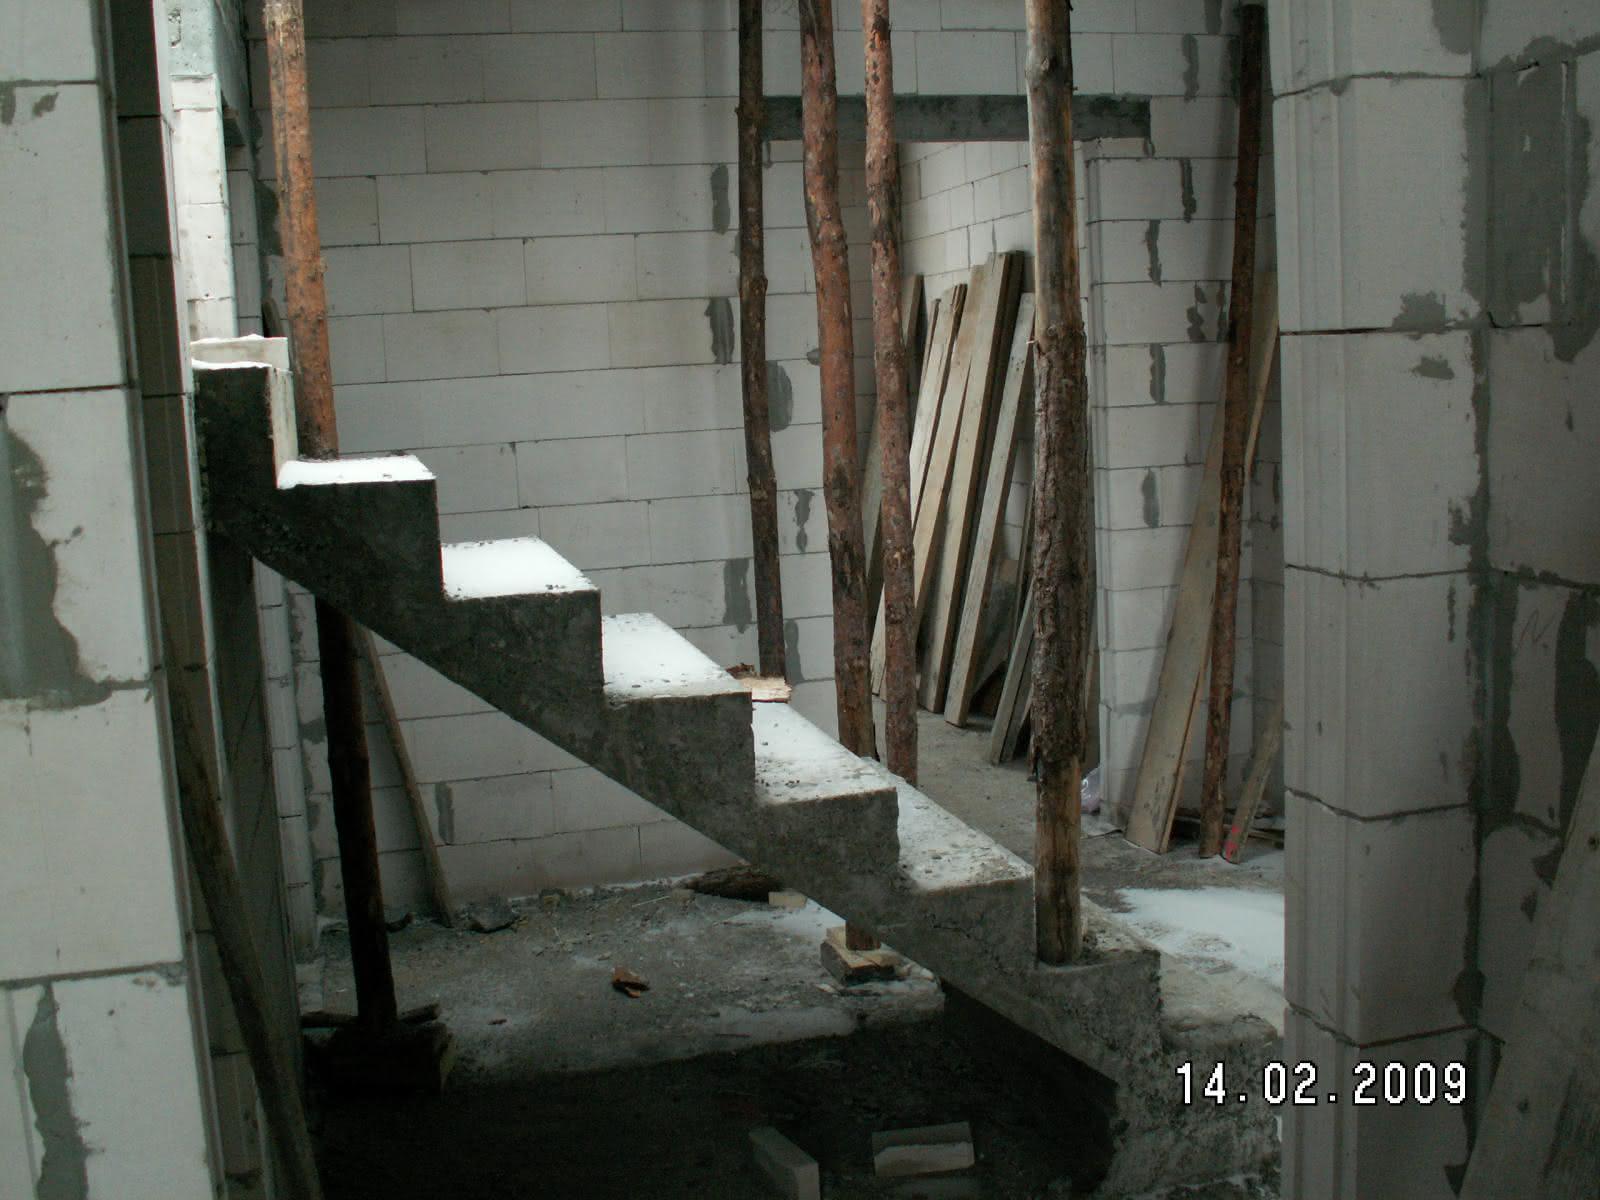 schody po wylaniu (widok z pokoju od str wejścia)